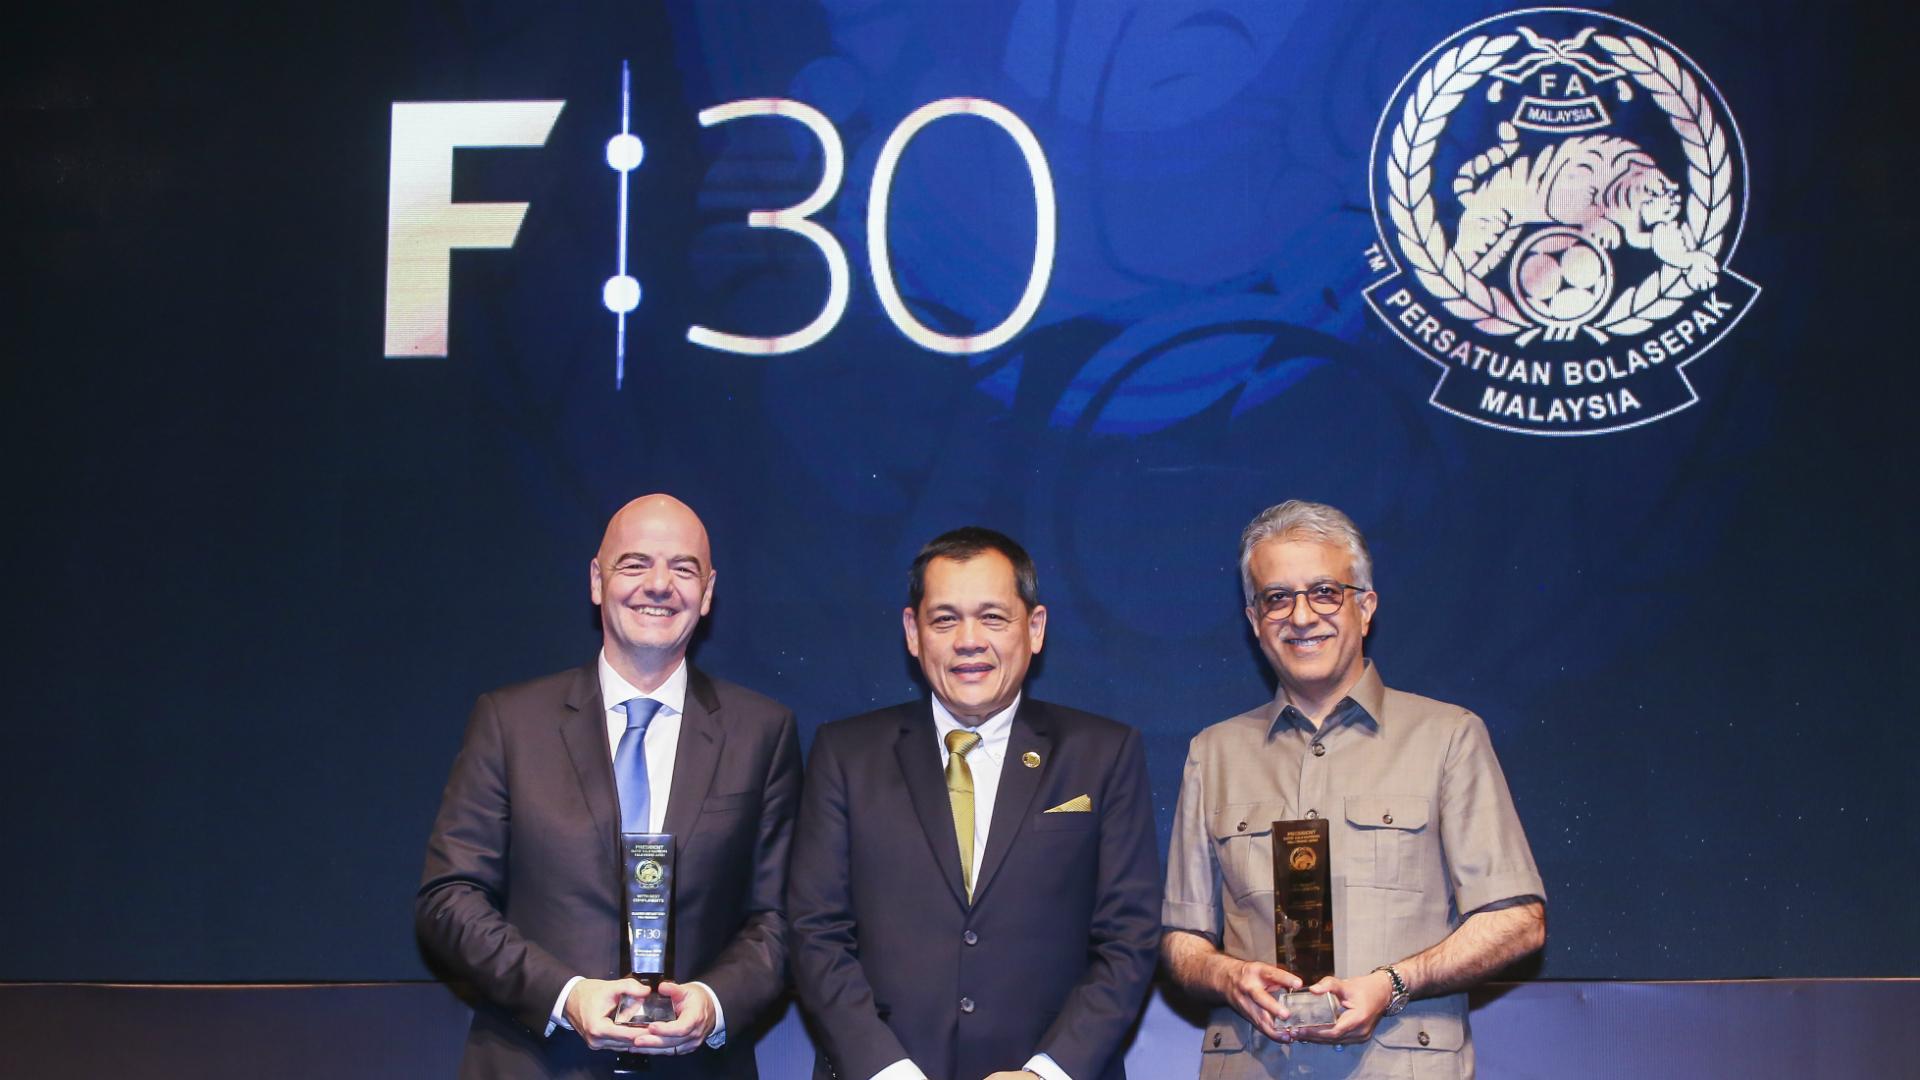 Dato Hamidin Mohd Amin, FAM president, Malaysia